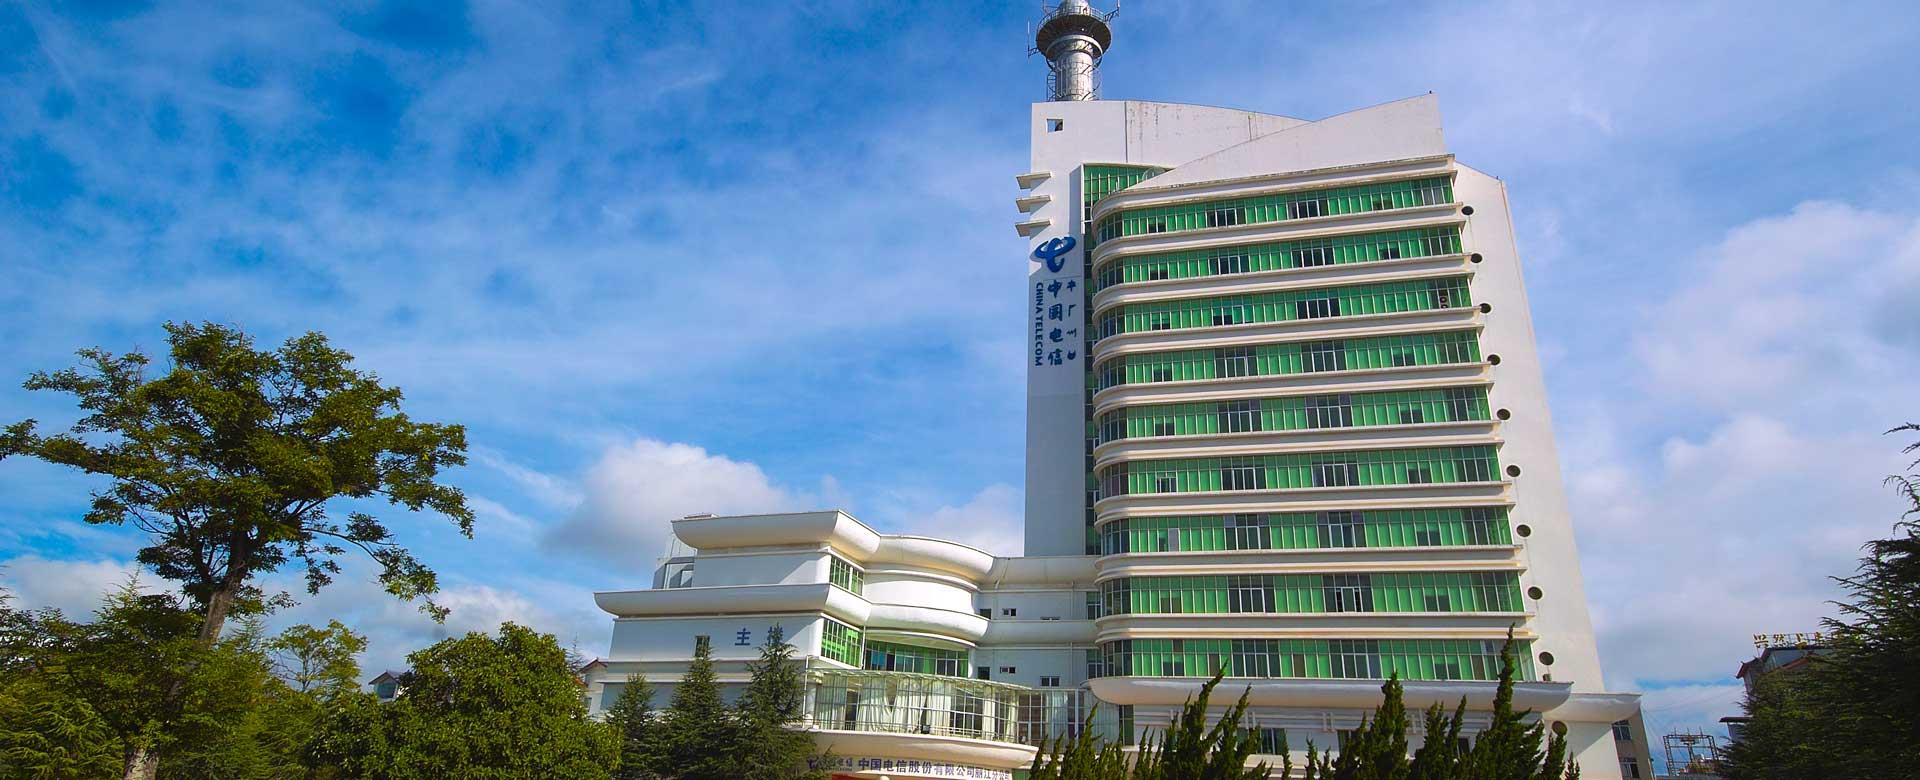 丽江地区电信枢纽大楼